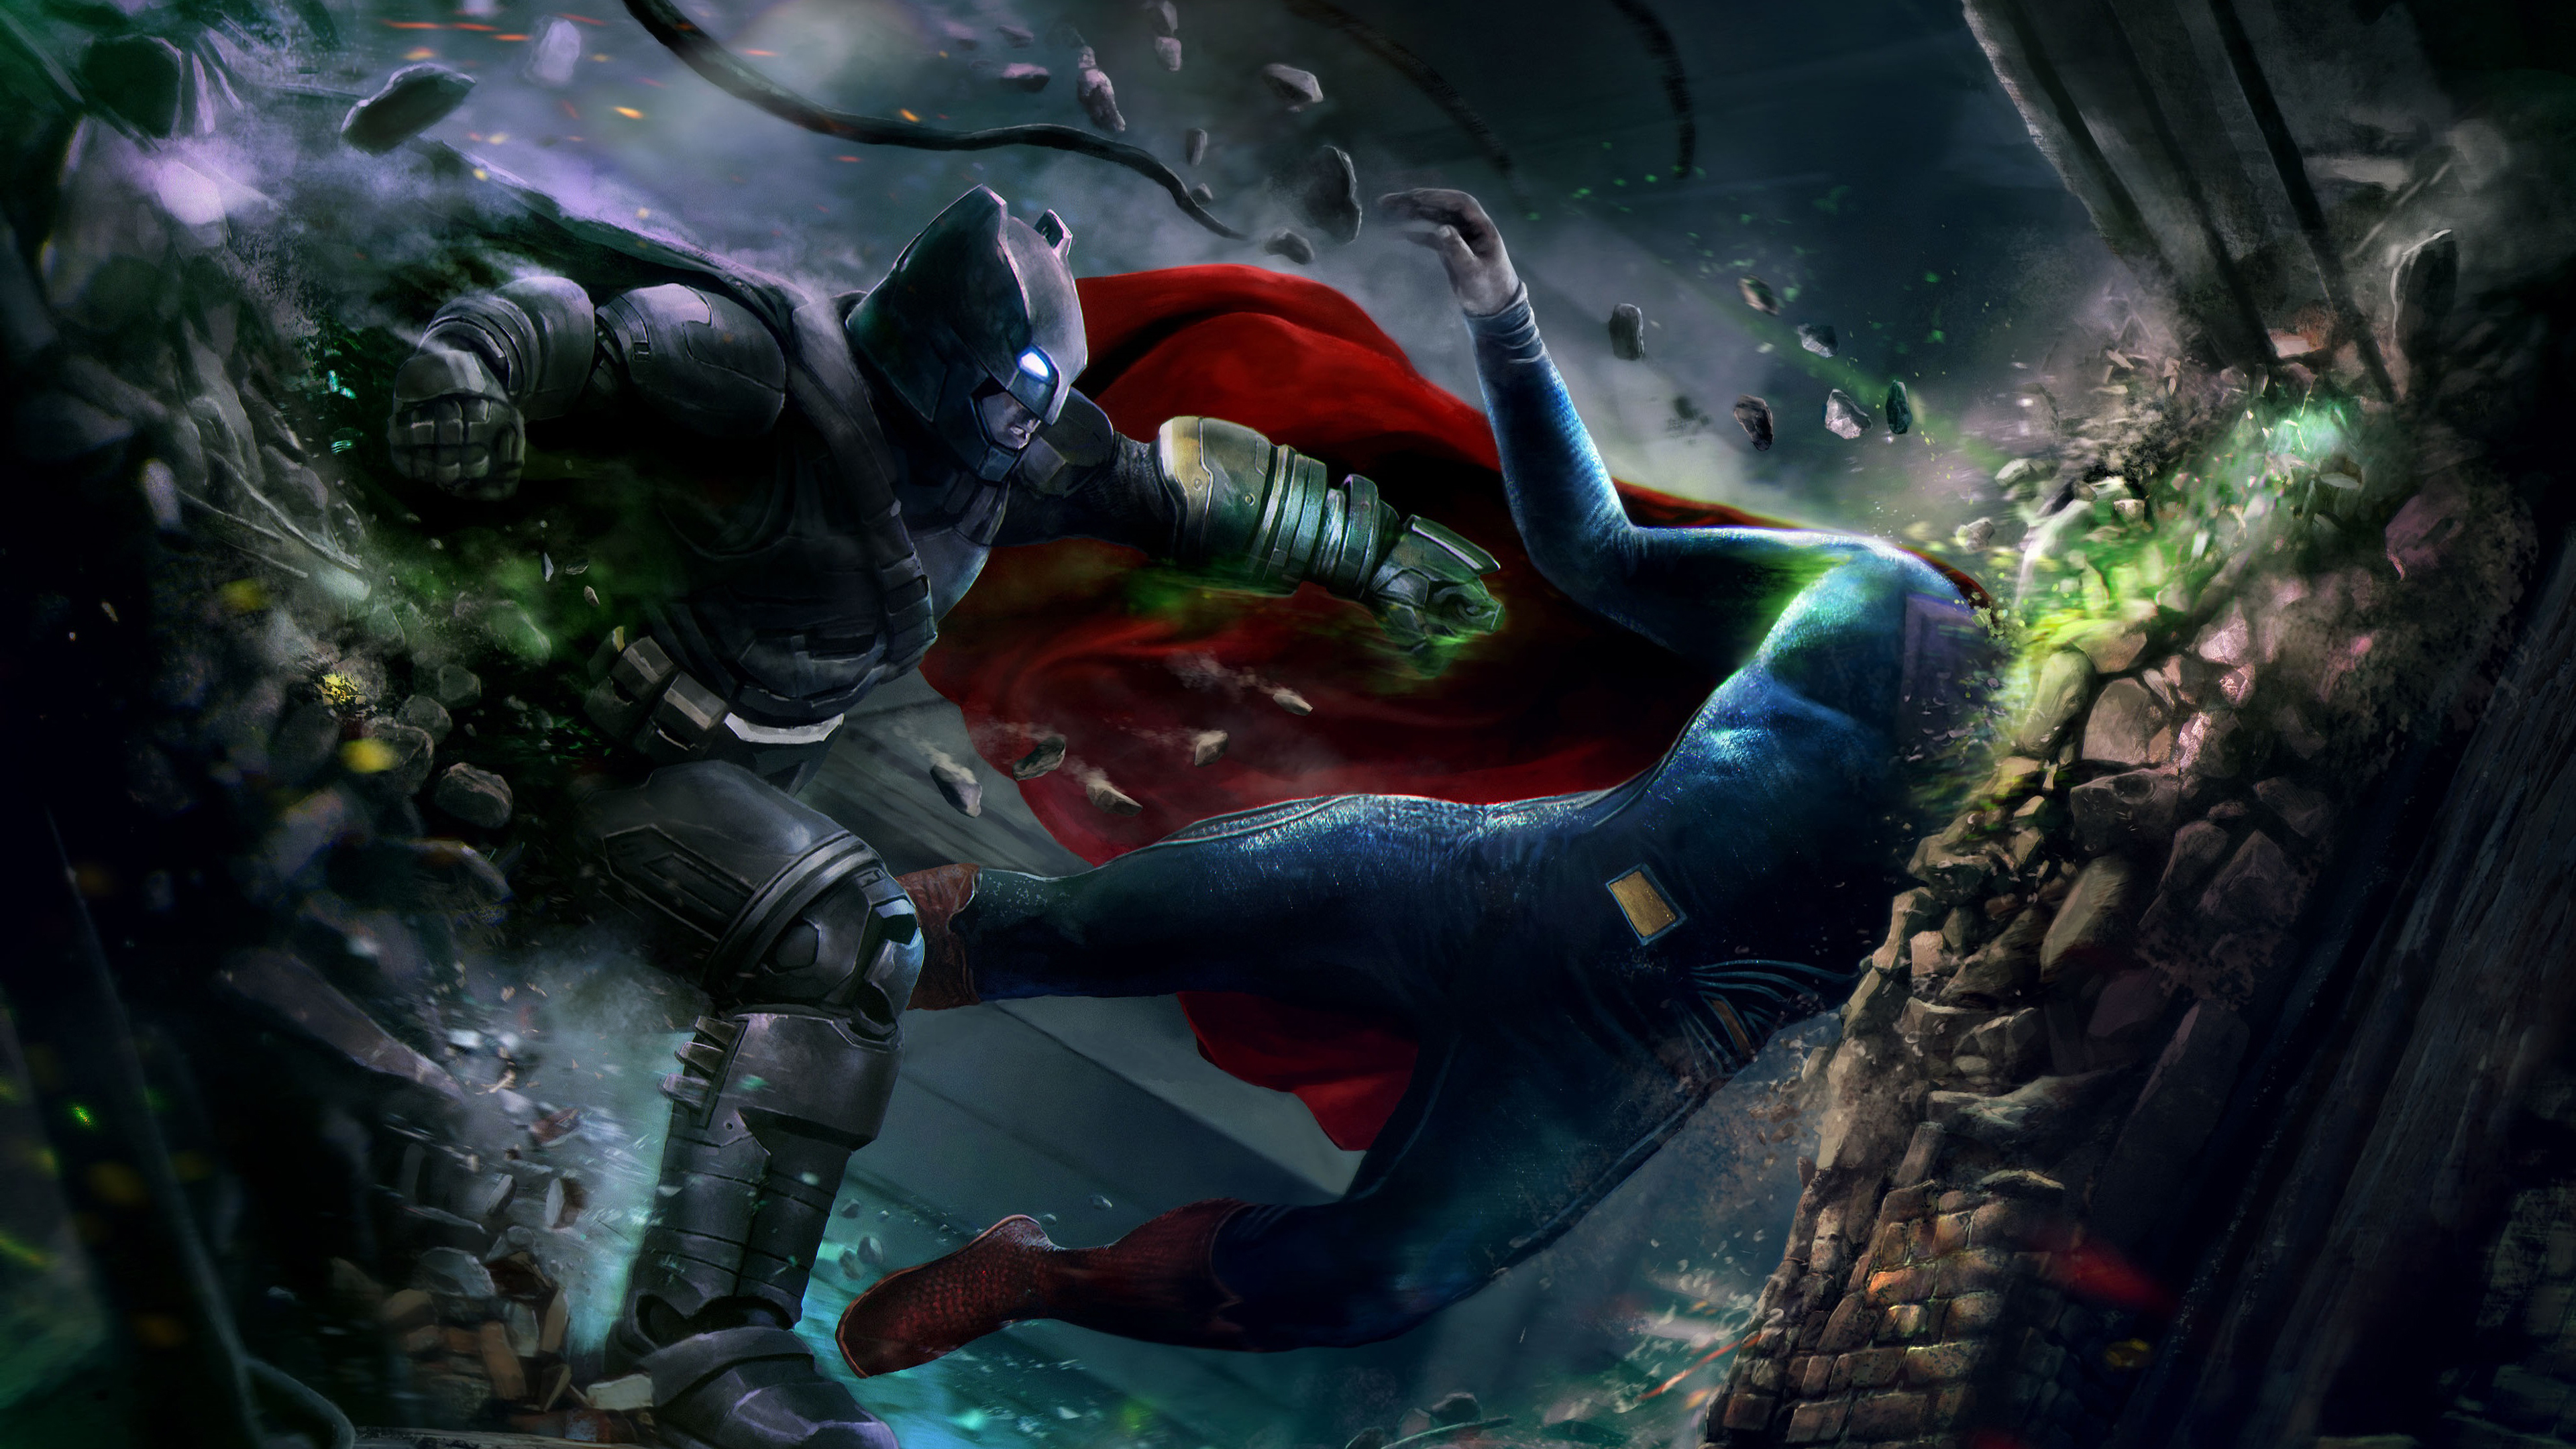 Batman V Superman 4k Wallpapers - Batman Vs Superman Wallpaper 4k - HD Wallpaper